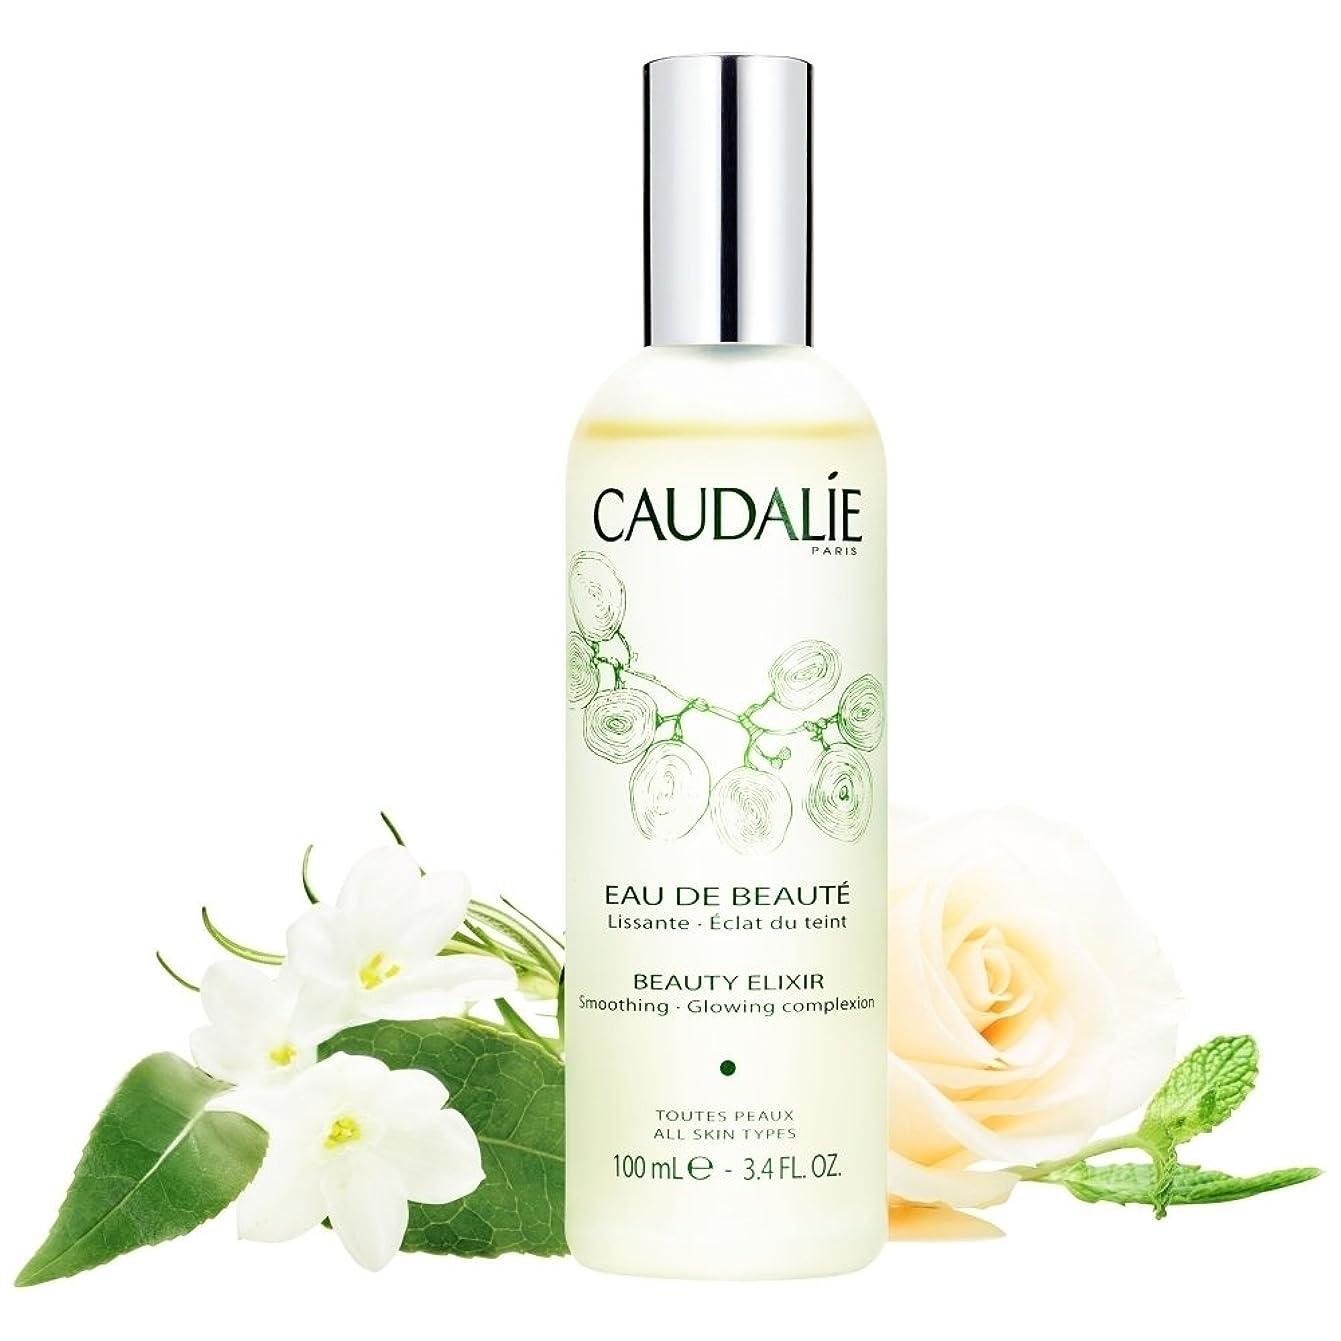 無秩序否認する視線コーダリー美容エリキシル、100ミリリットル (Caudalie) - Caudalie Beauty Elixir, 100ml [並行輸入品]